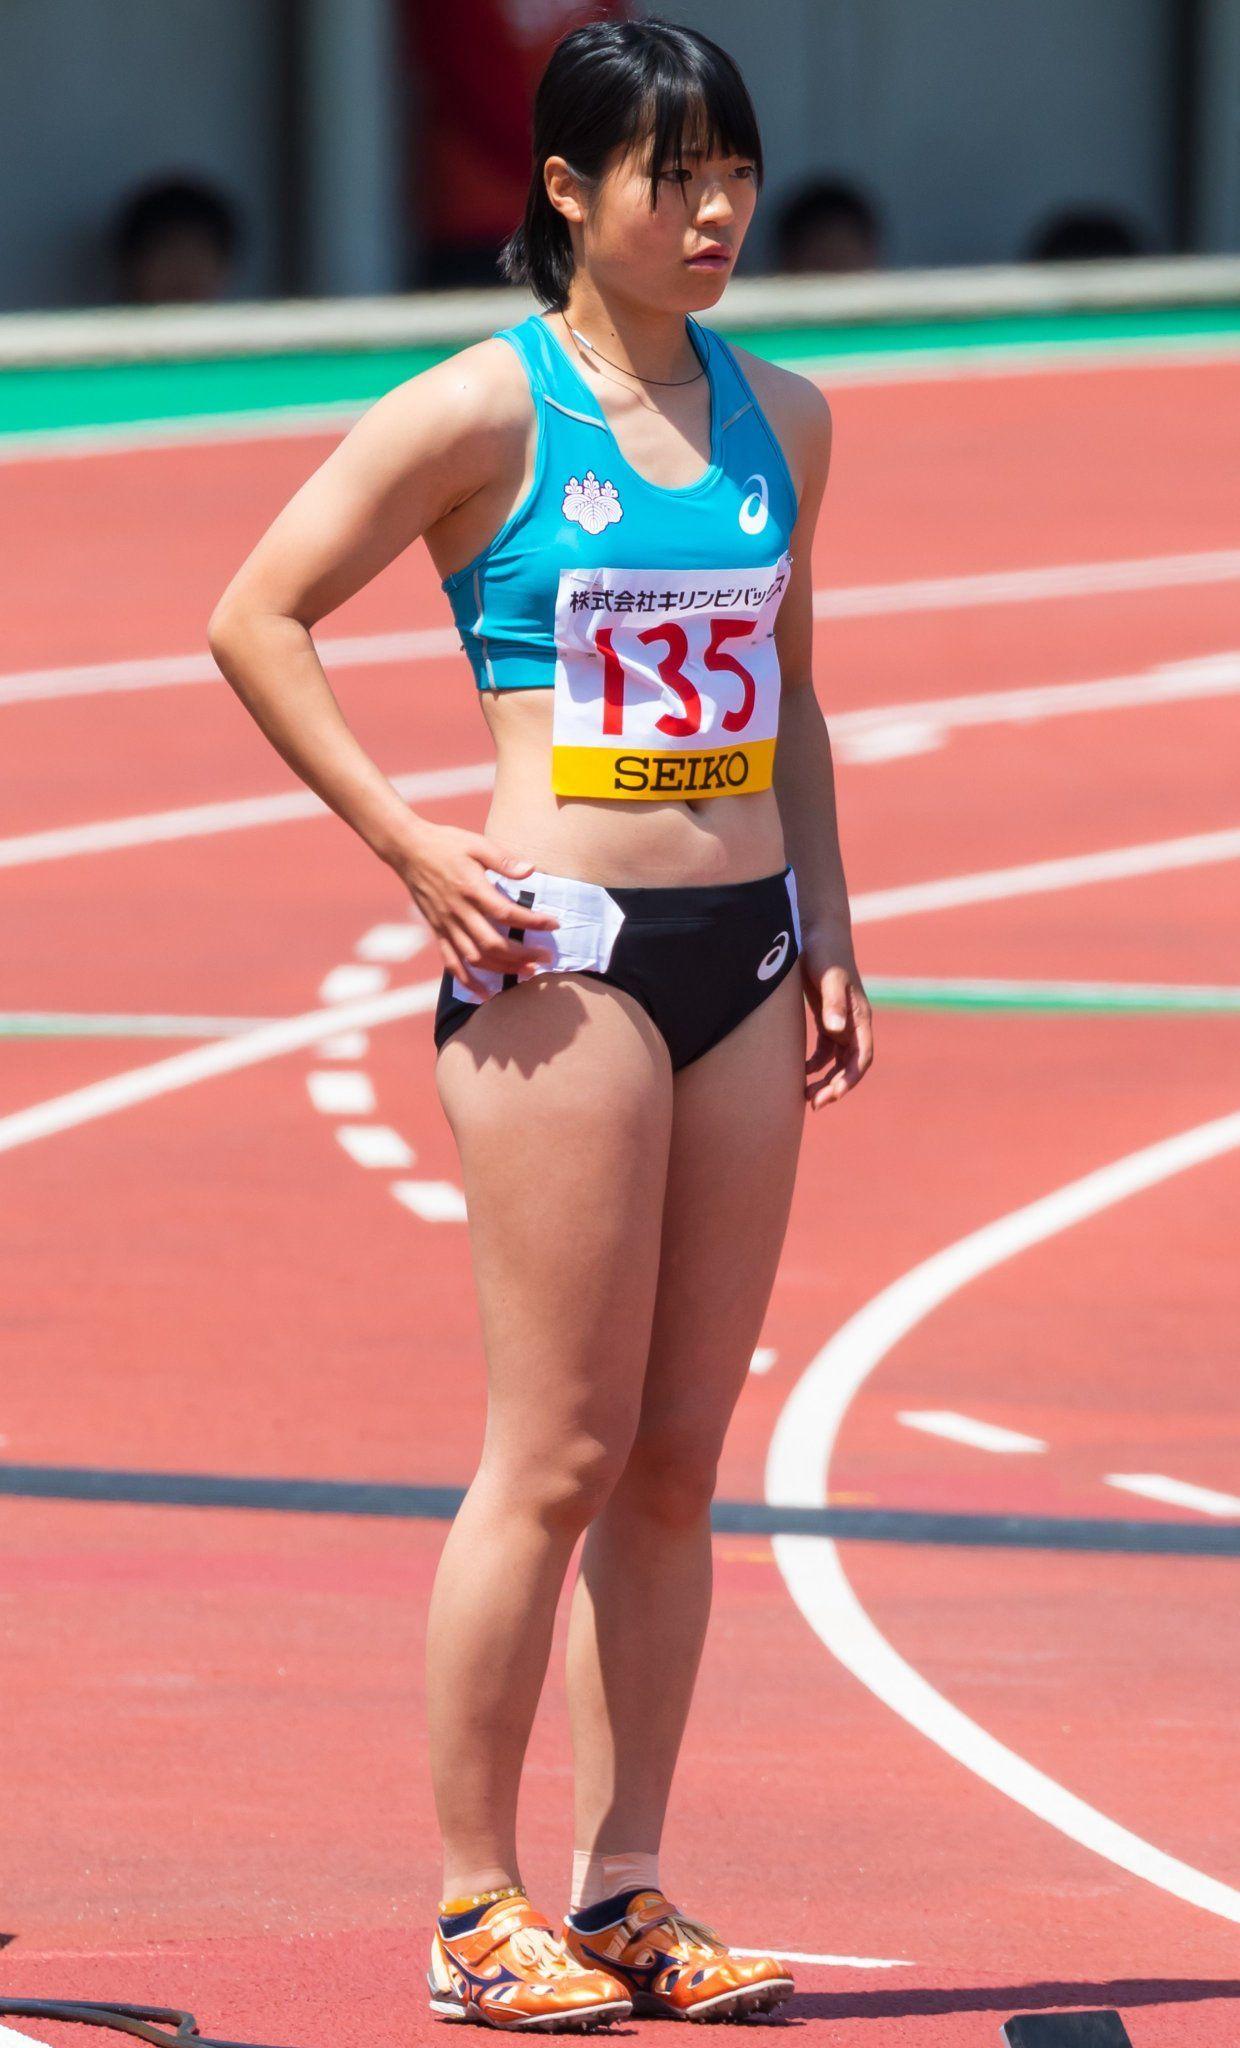 清岡純子 無修正 ボード「Sport girls」のピン